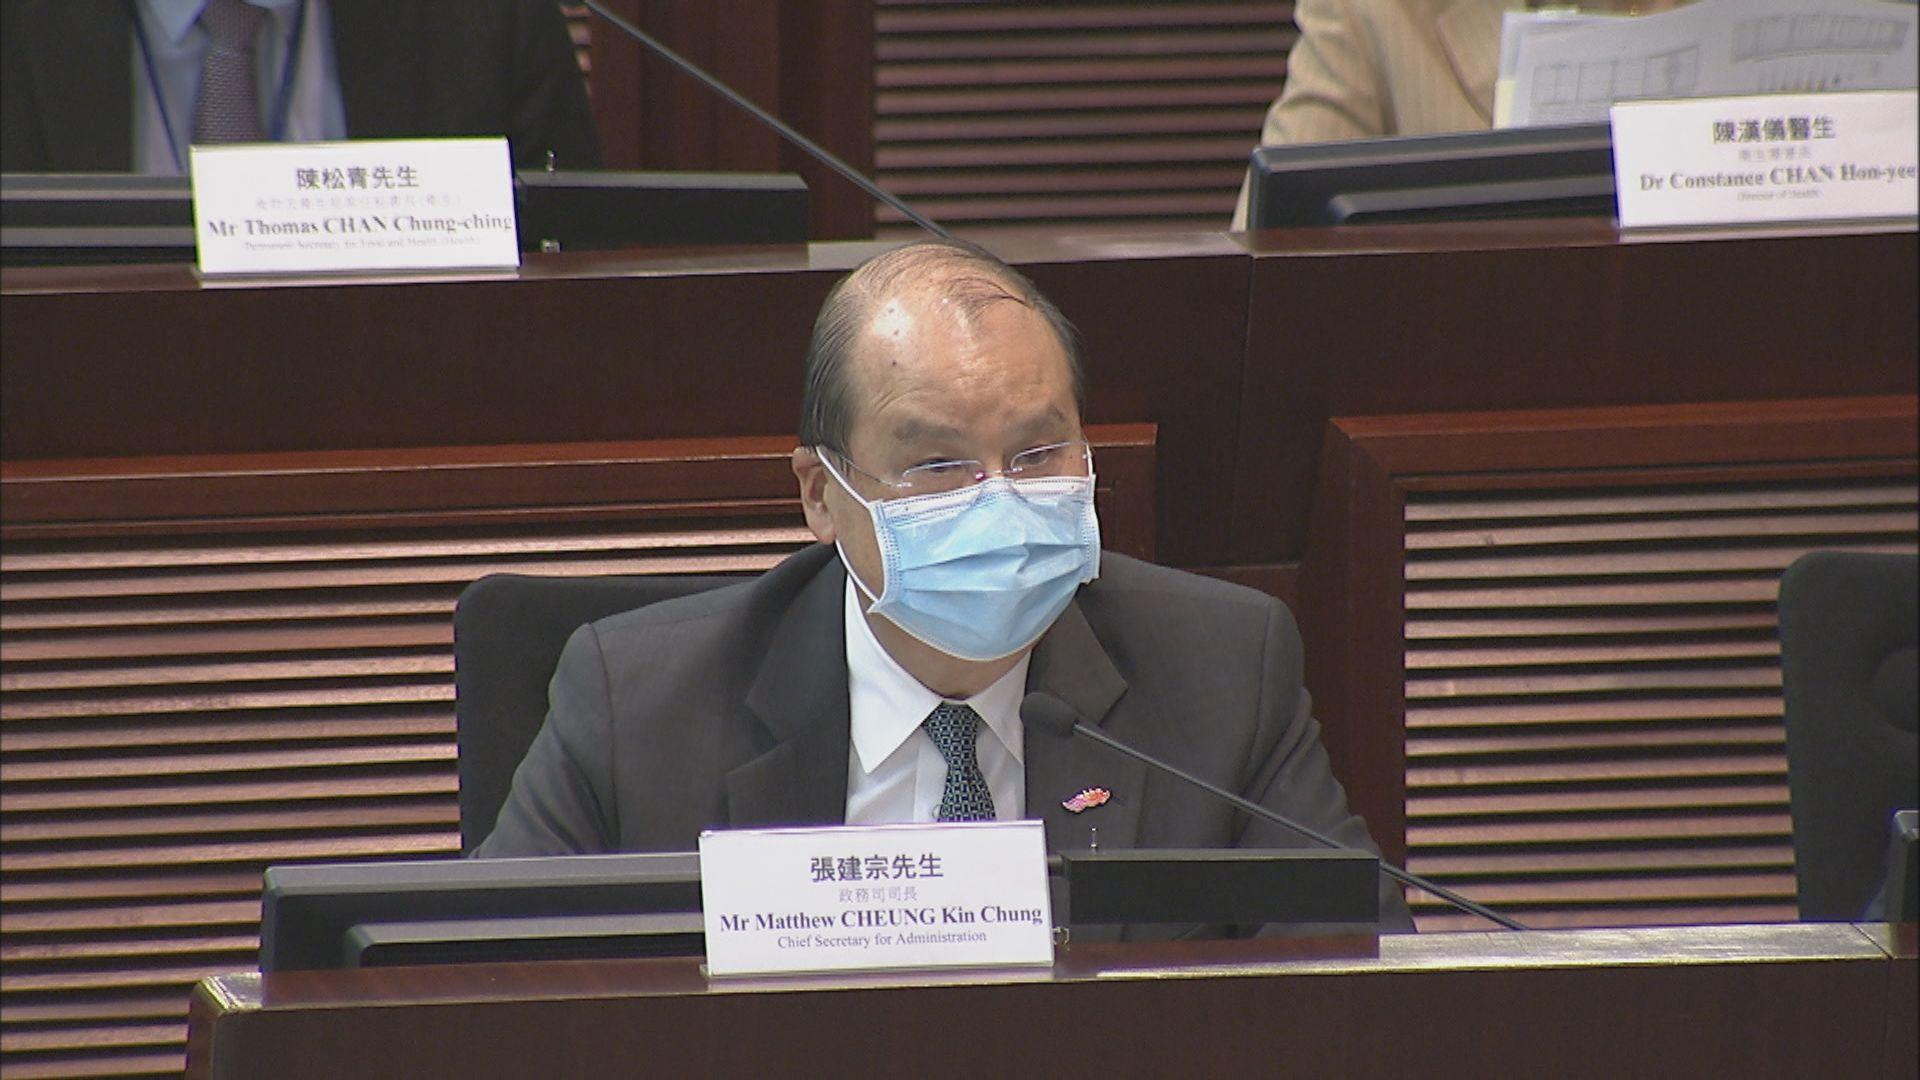 張建宗:政府財政面對嚴峻挑戰 補助措施要取得平衡